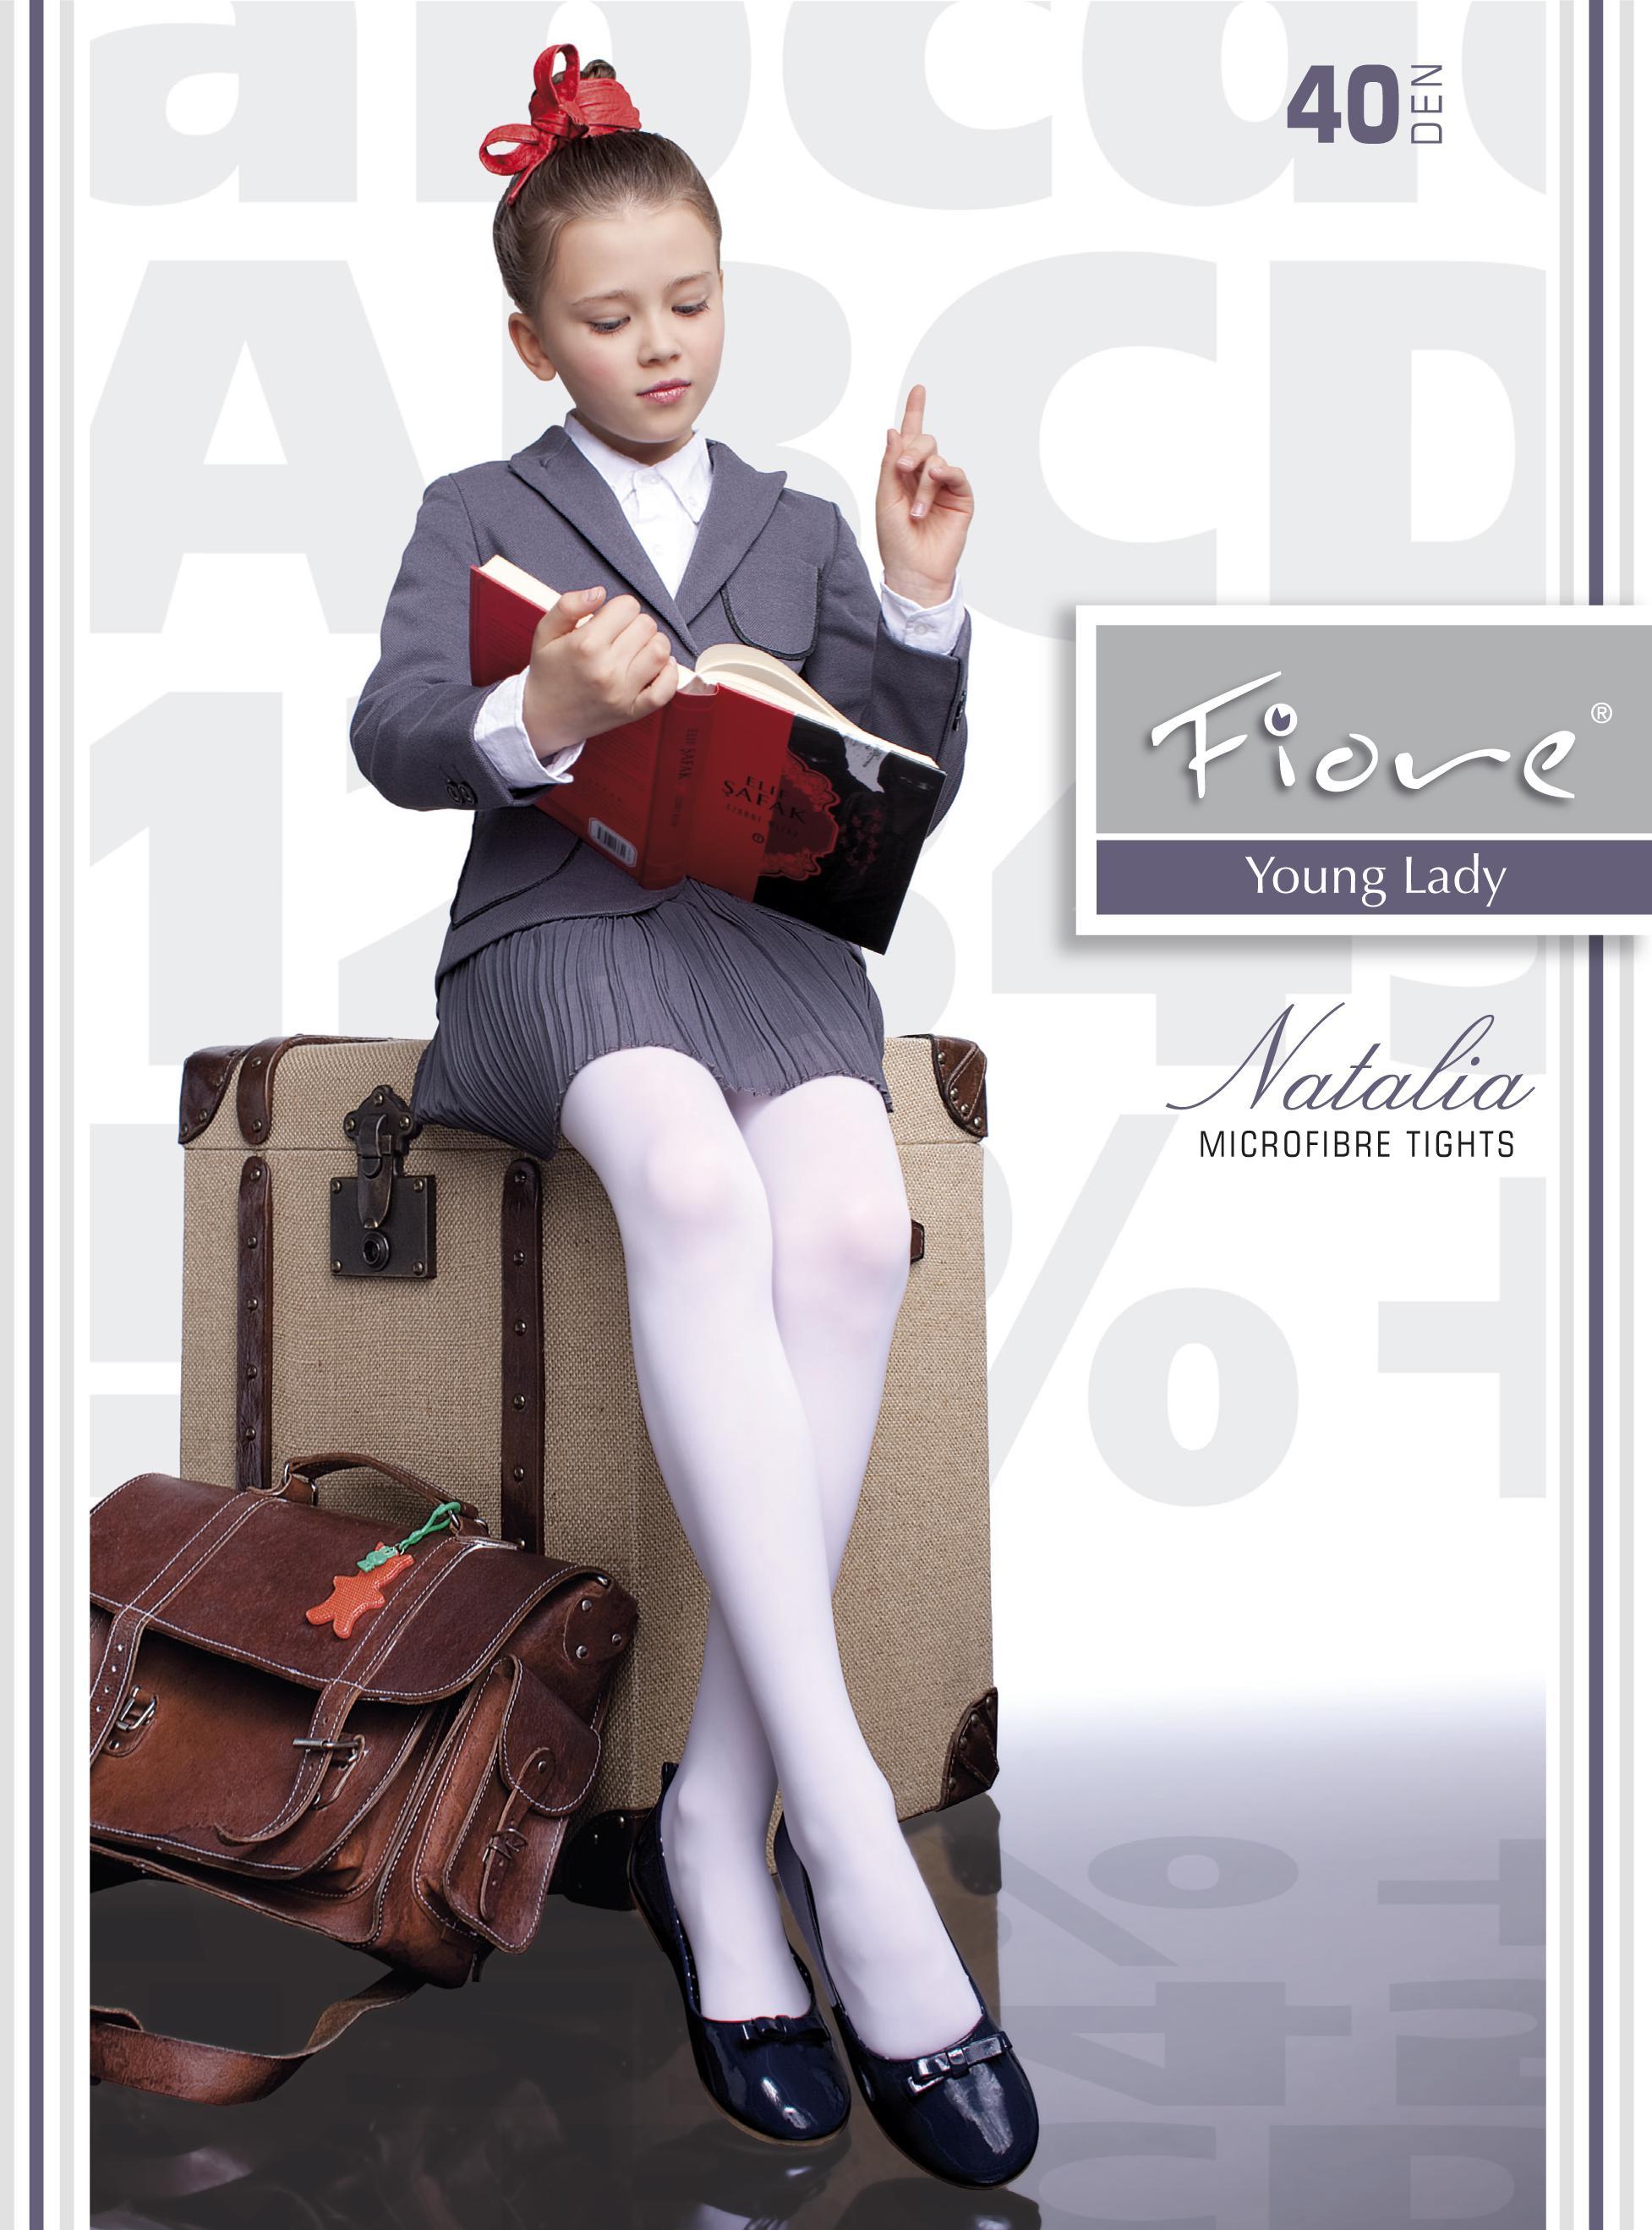 6ee5e0b98d9ad Fiore - Classic microfiber childrens tights Natalia 40 denier ✅